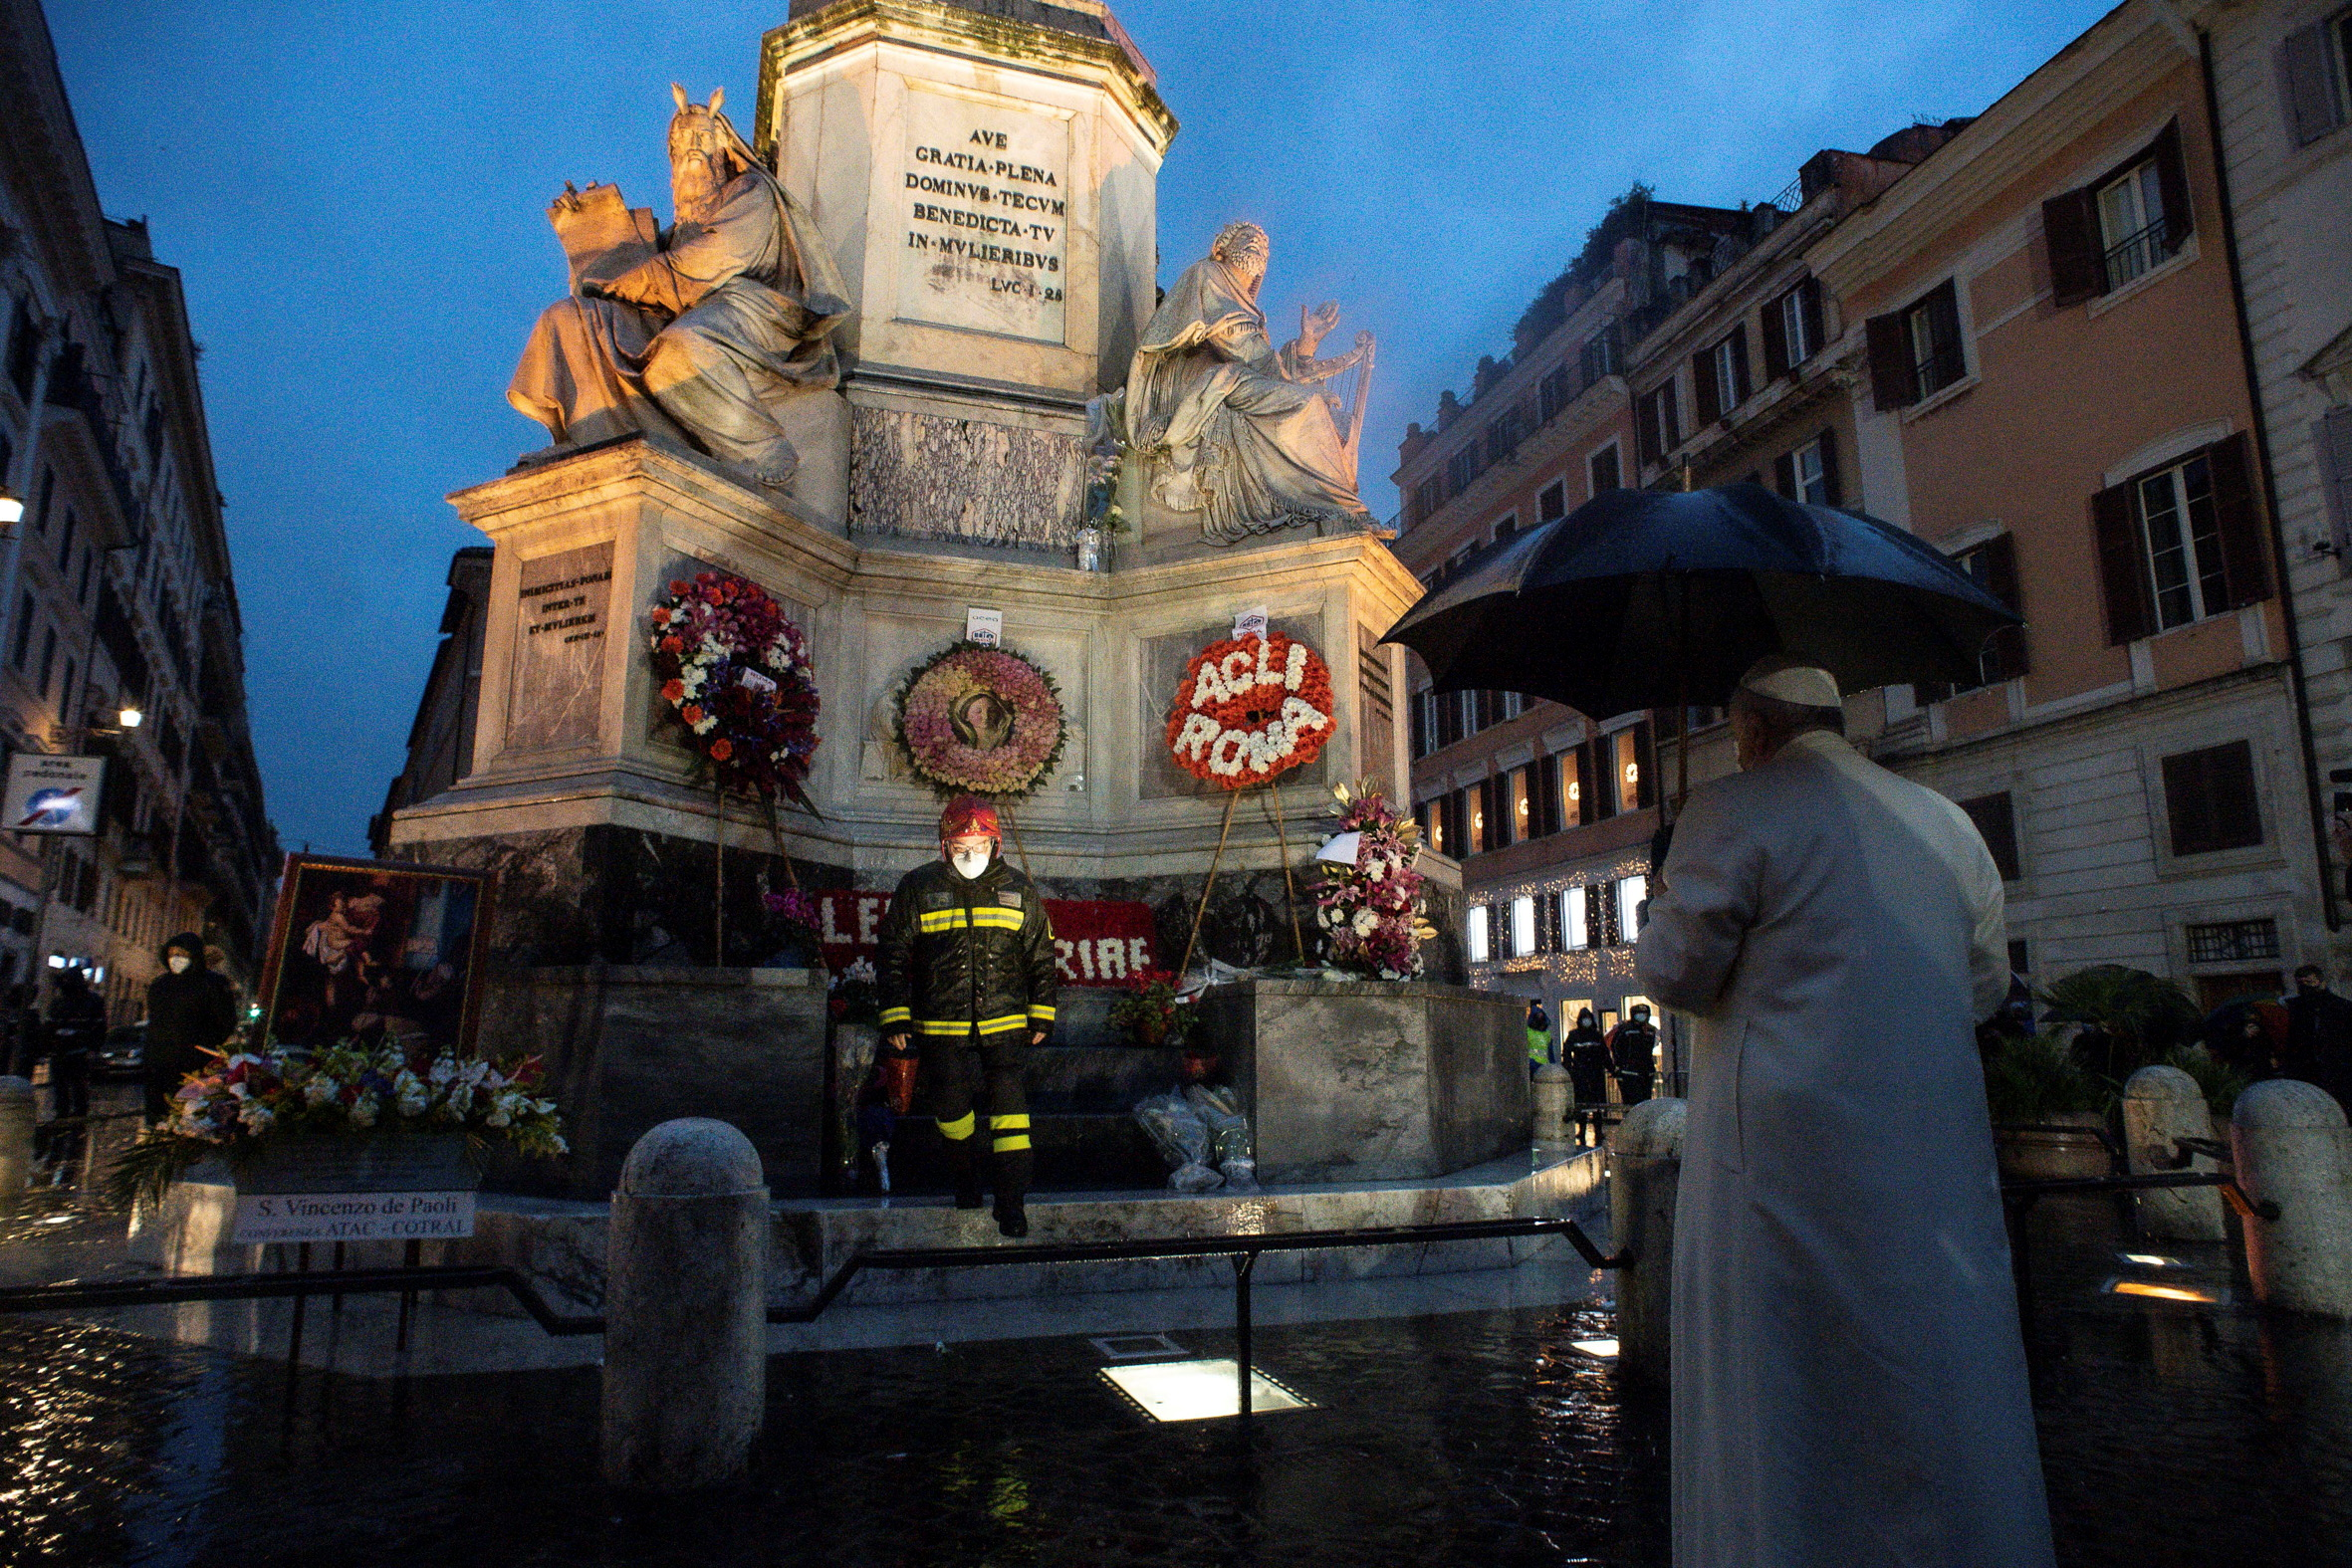 Ο Πάπας πήγε αξημέρωτα και μόνος στην Πιάτσα Ντι Σπάνια (pics)